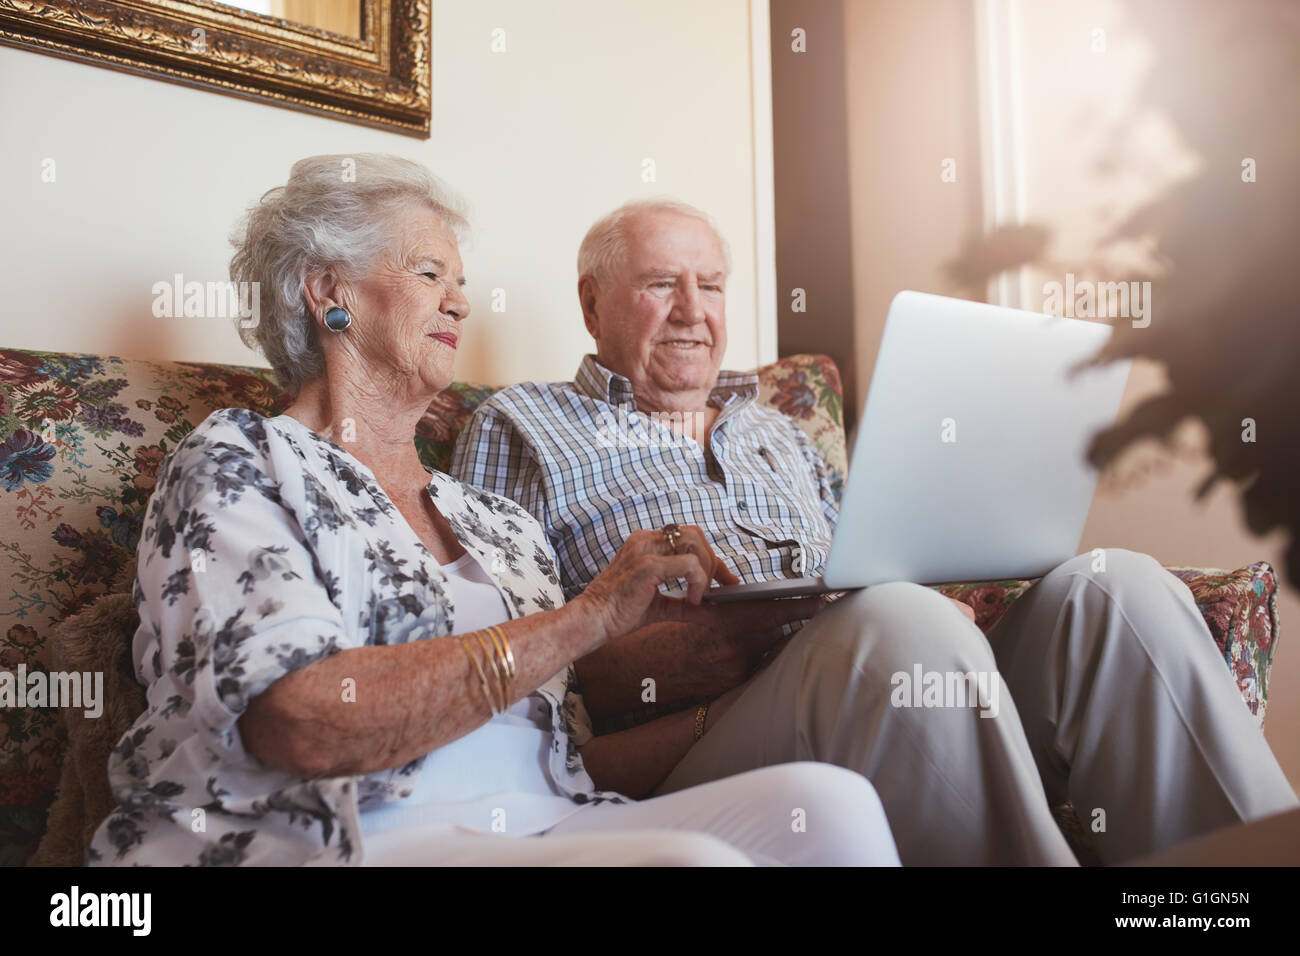 Pareja de ancianos utilizando equipo portátil en casa. Senior hombre y mujer sentada en un sofá trabajando Imagen De Stock